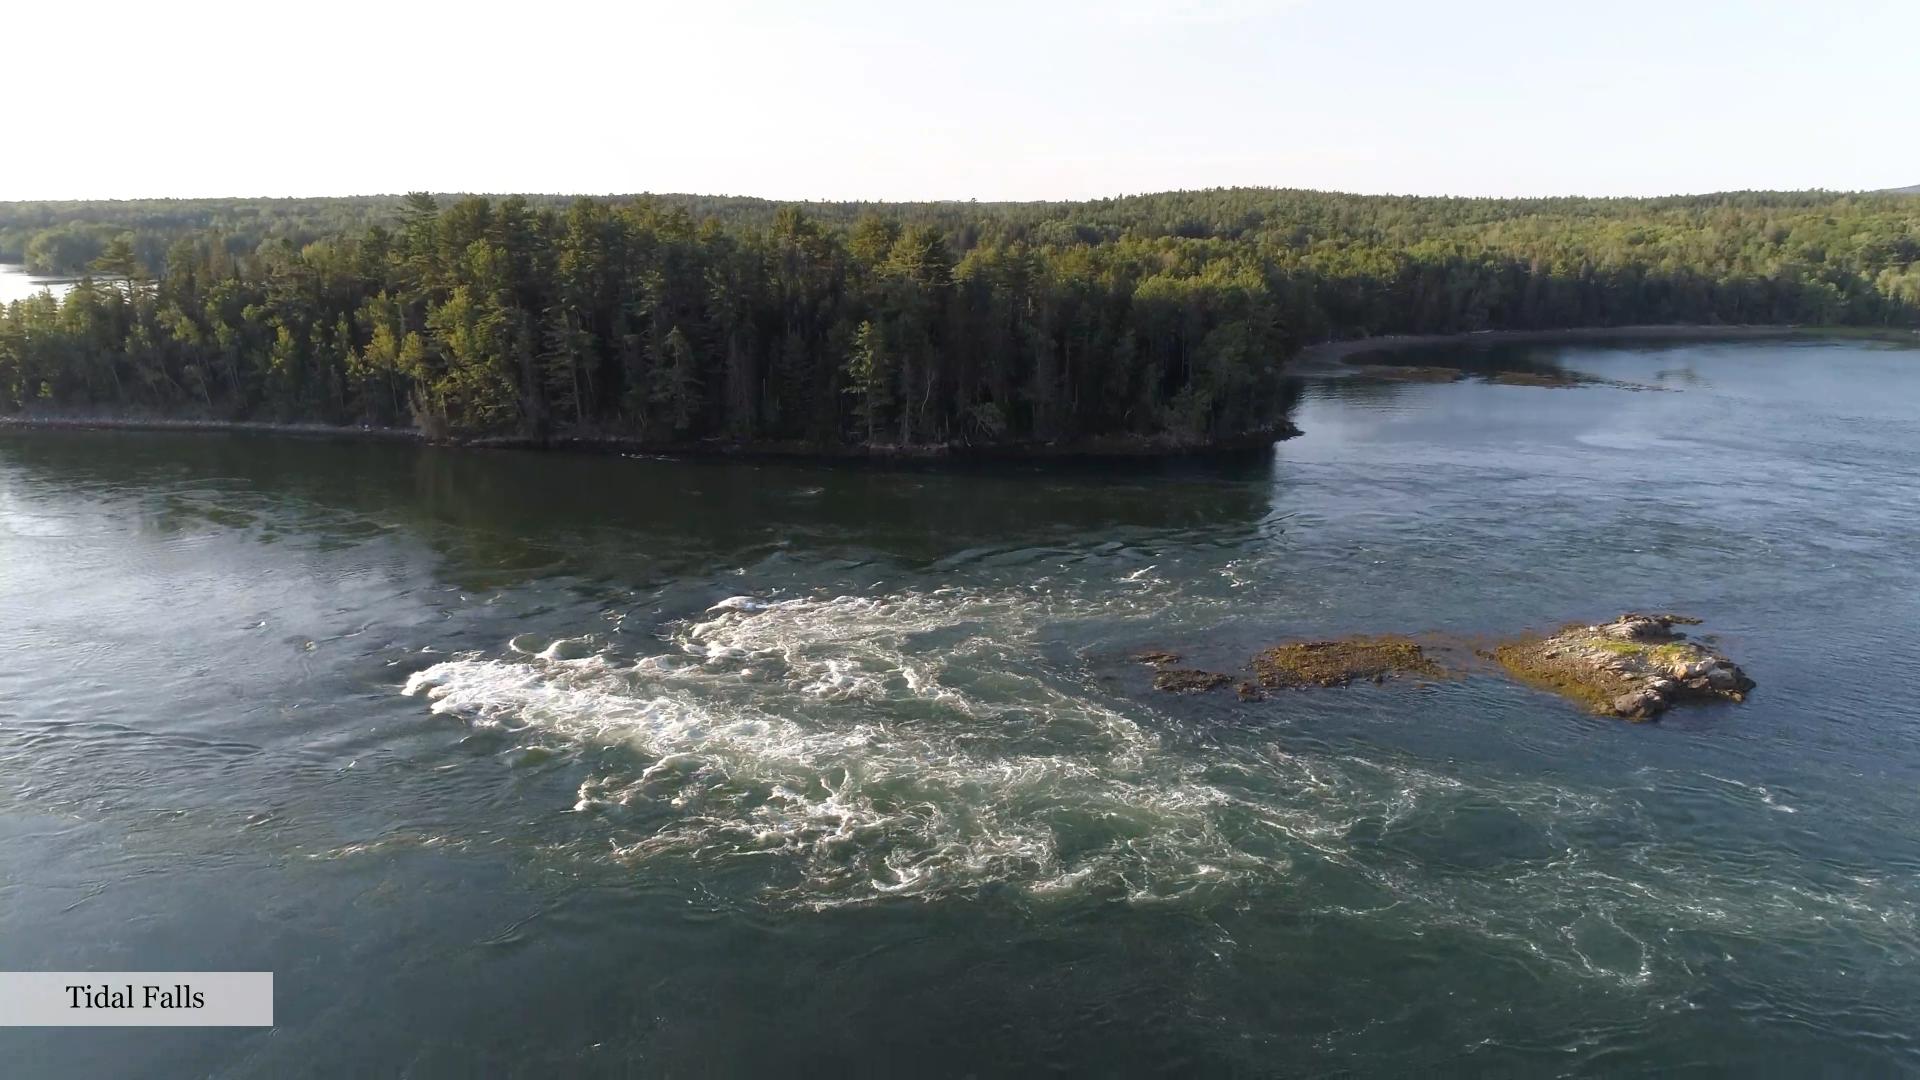 Tidal Falls Aerial